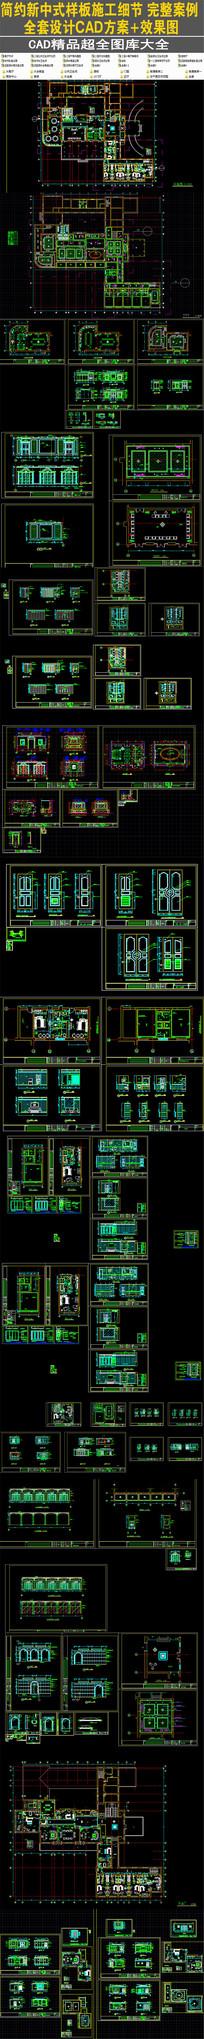 五星级宾馆CAD施工图 dwg